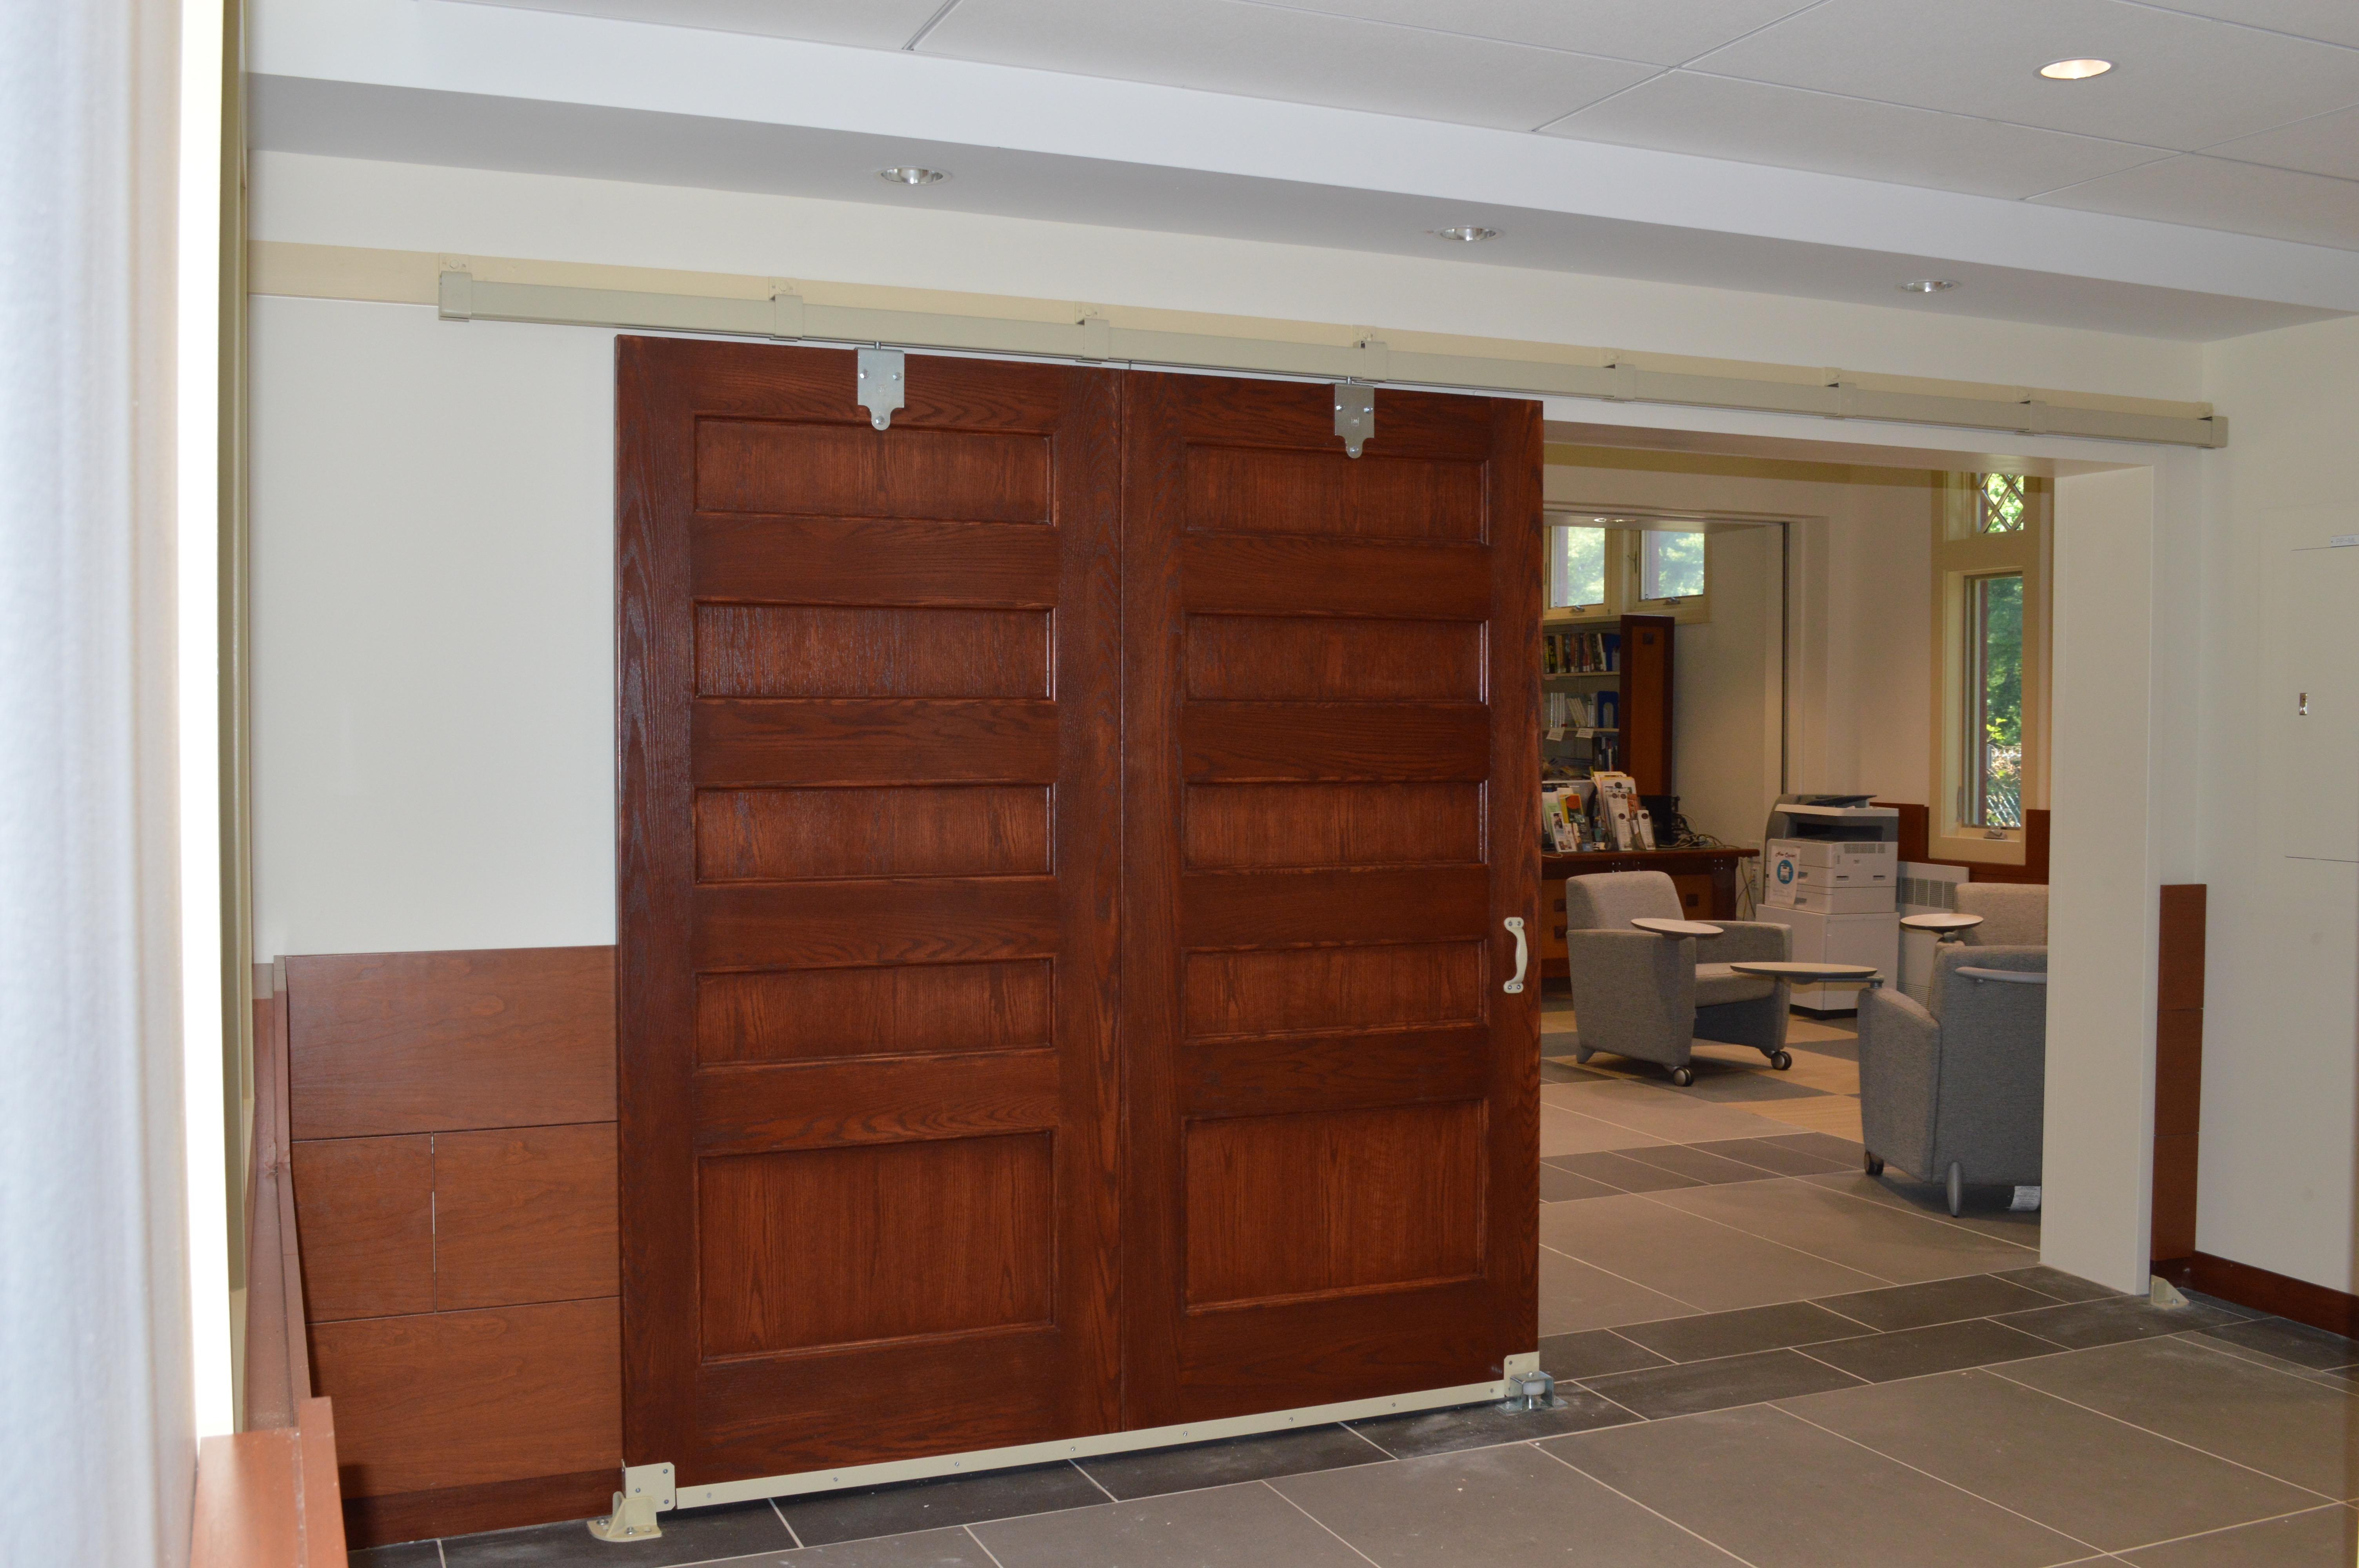 Barn Door to Library